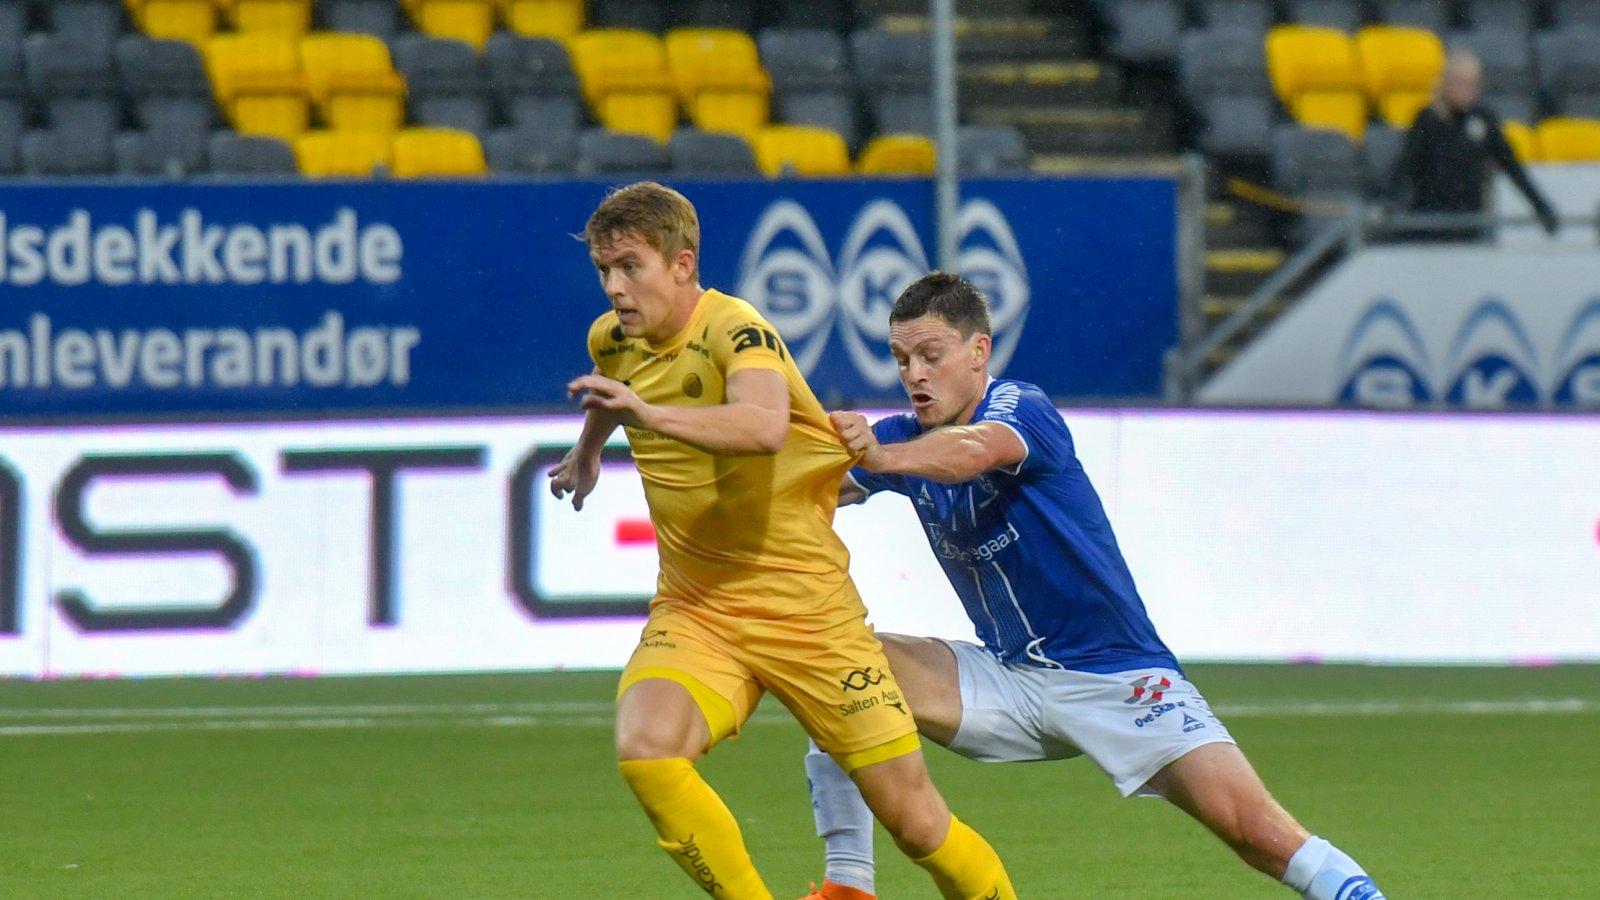 Kristian Fardal Opseth scoret mål under kampen mot Sarpsborg 08.